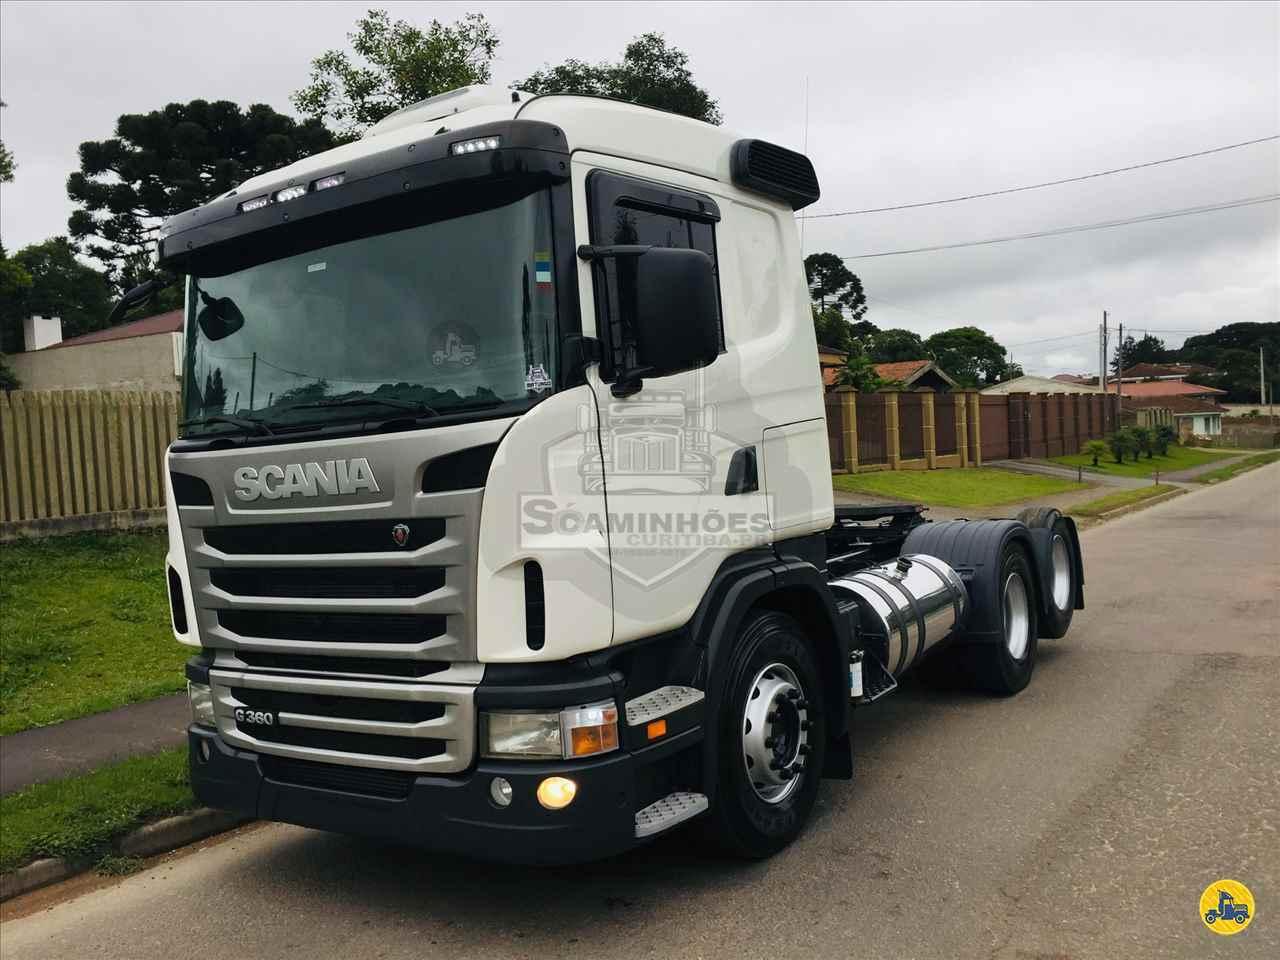 CAMINHAO SCANIA SCANIA 360 Cavalo Mecânico Truck 6x2 Só Caminhões Curitiba CURITIBA PARANÁ PR